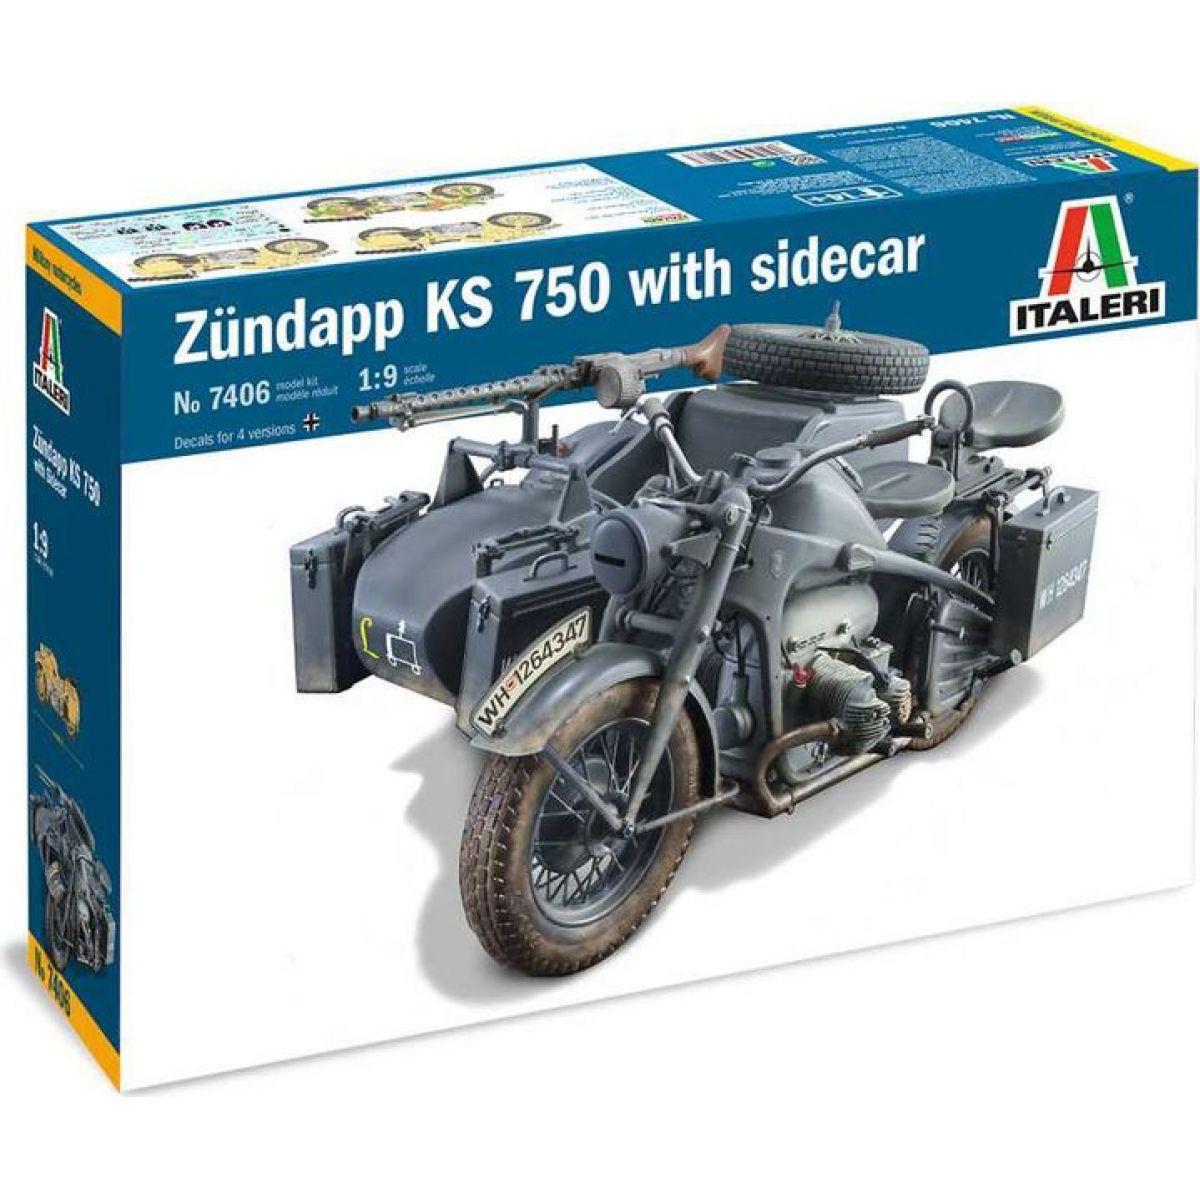 Italeri Model Kit military 7406 Zundapp KS 750 with sidecar 1: 9